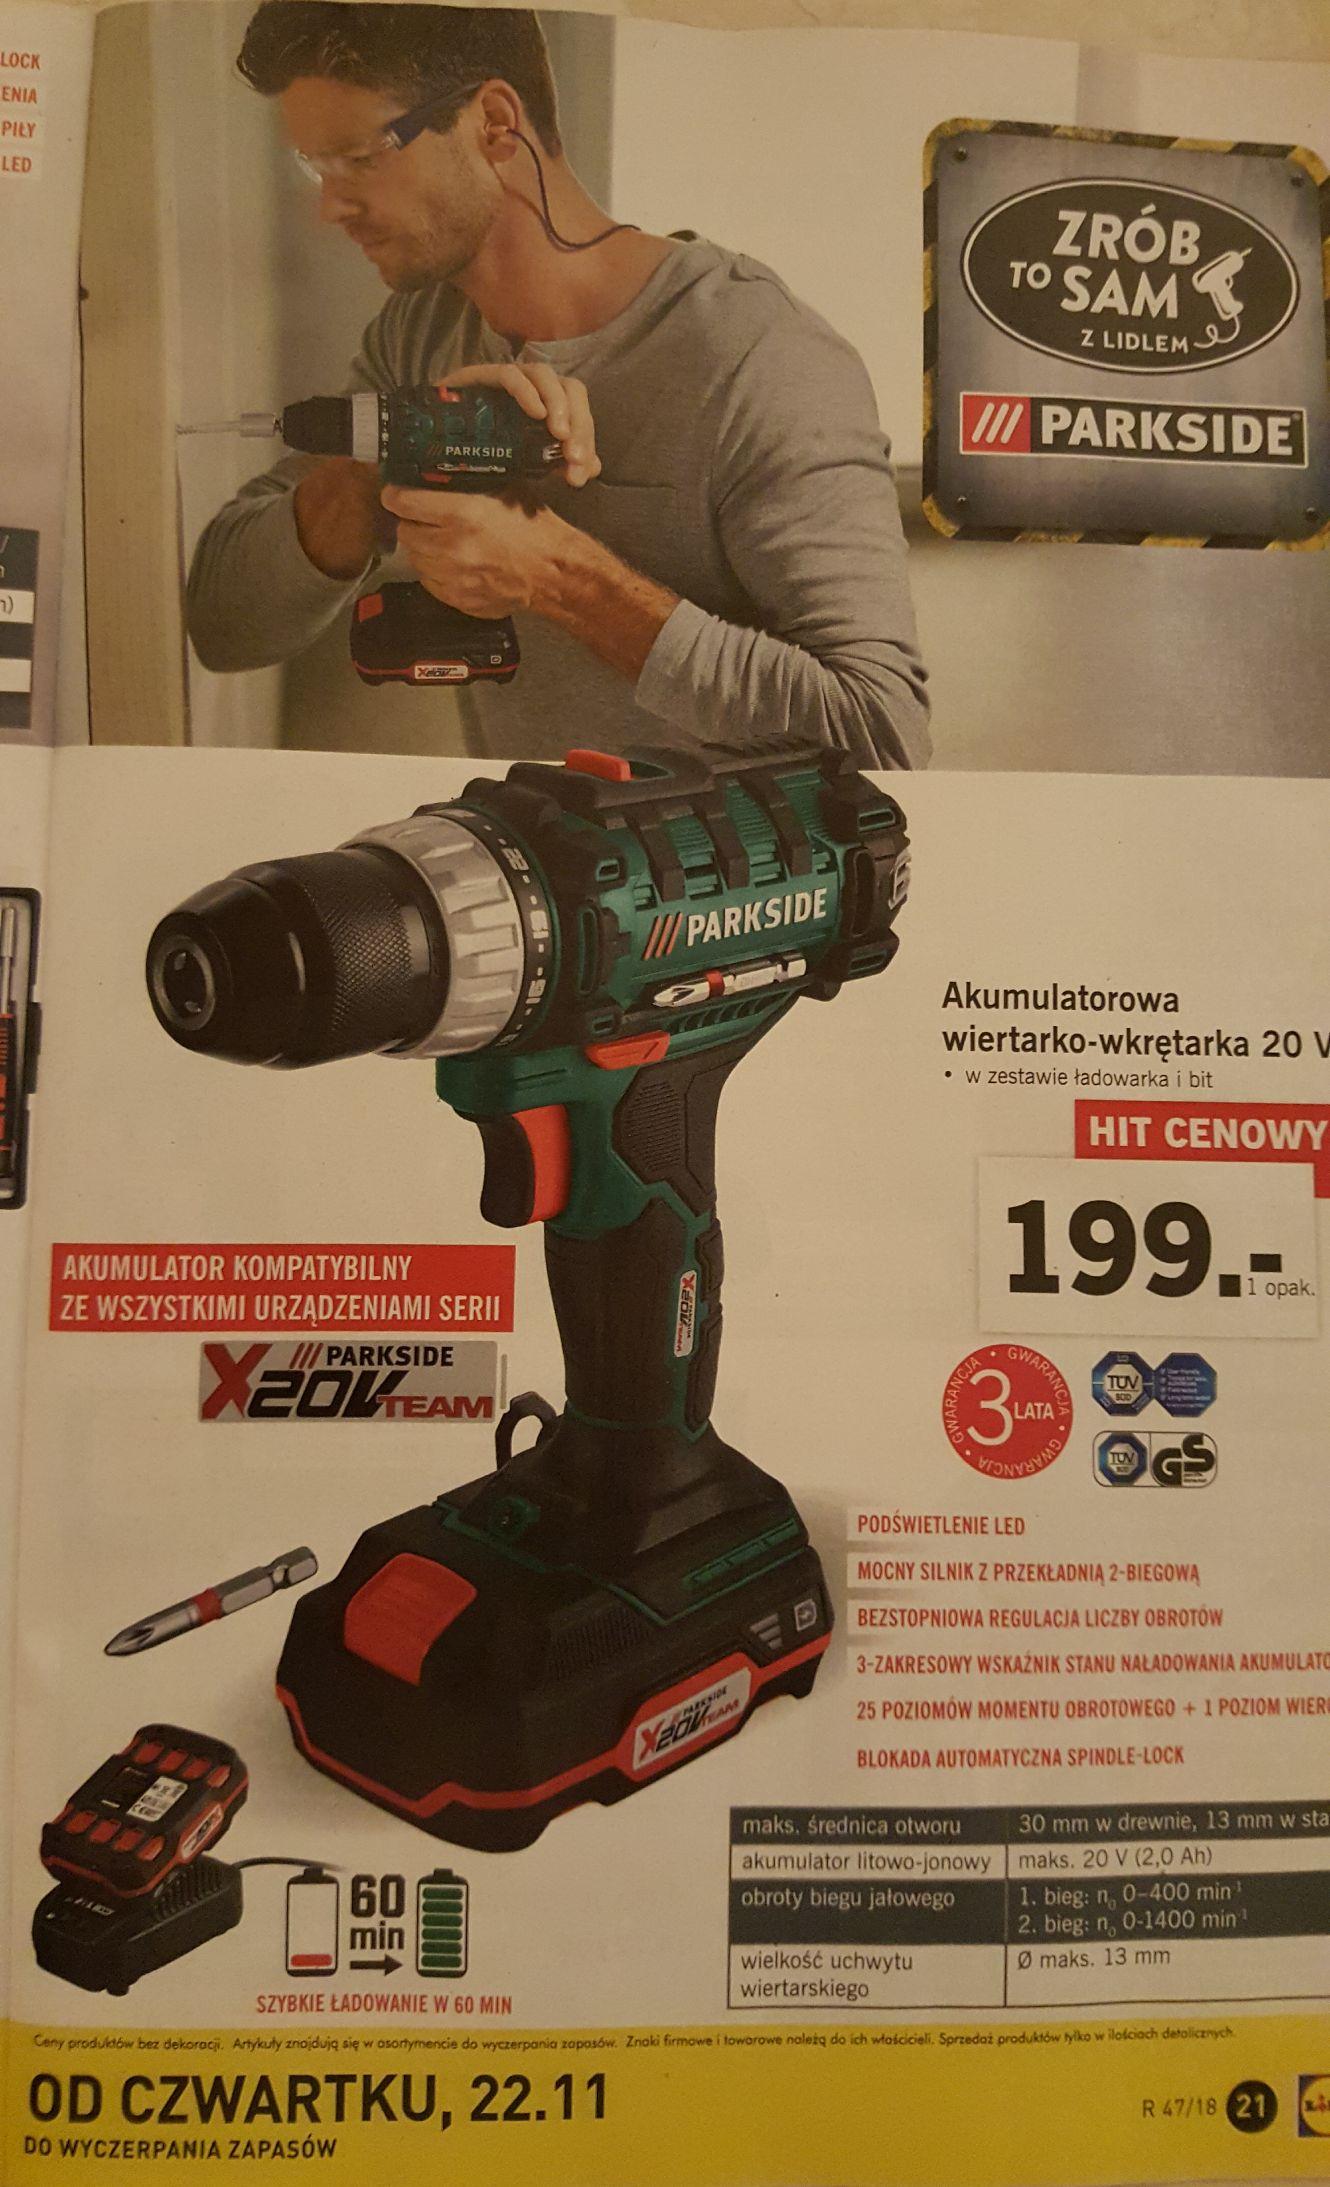 Akumulatorowa wiertarko-wkrętarka LIDL Parkside 20V - znana i lubiana ponownie w sprzedaży od 22.11